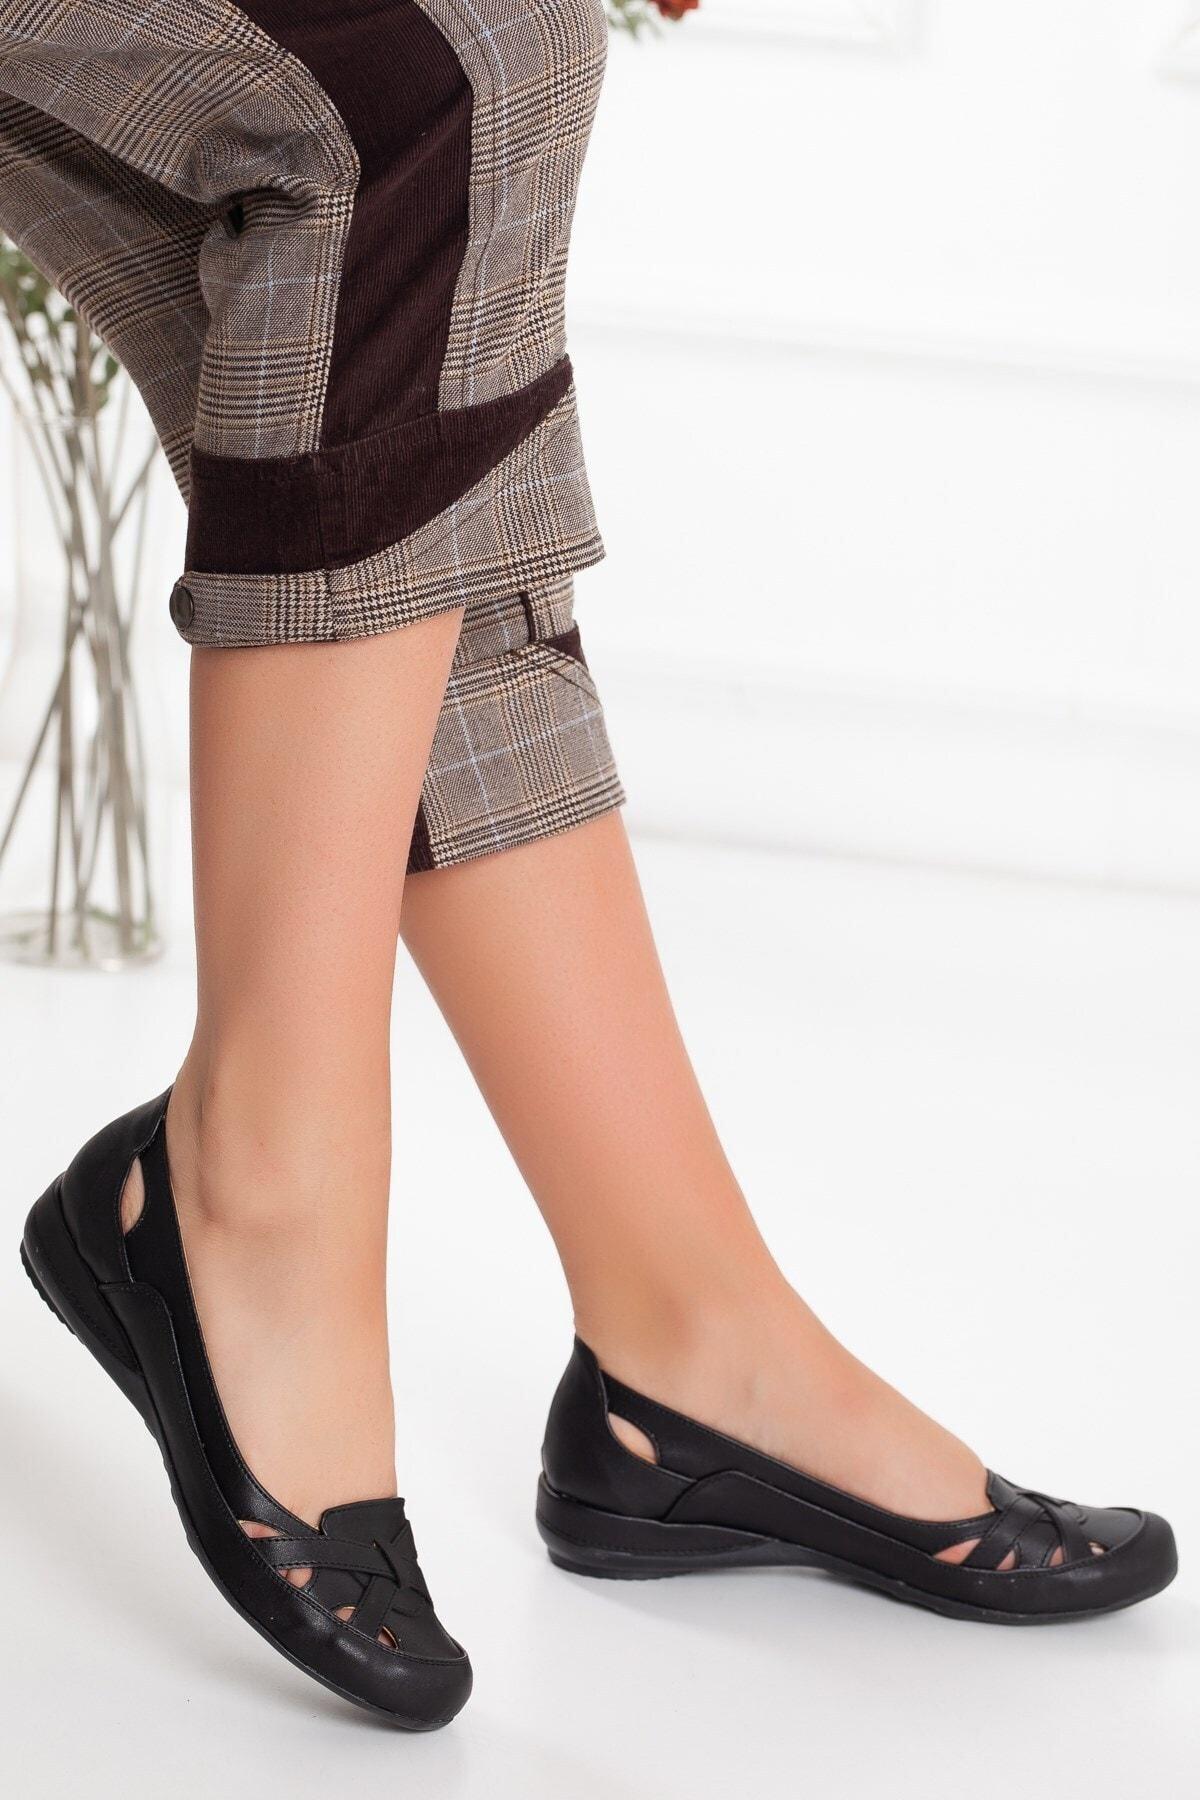 کفش تخت دخترانه قیمت مناسب برند Dilimler Ayakkabı رنگ مشکی کد ty47043014